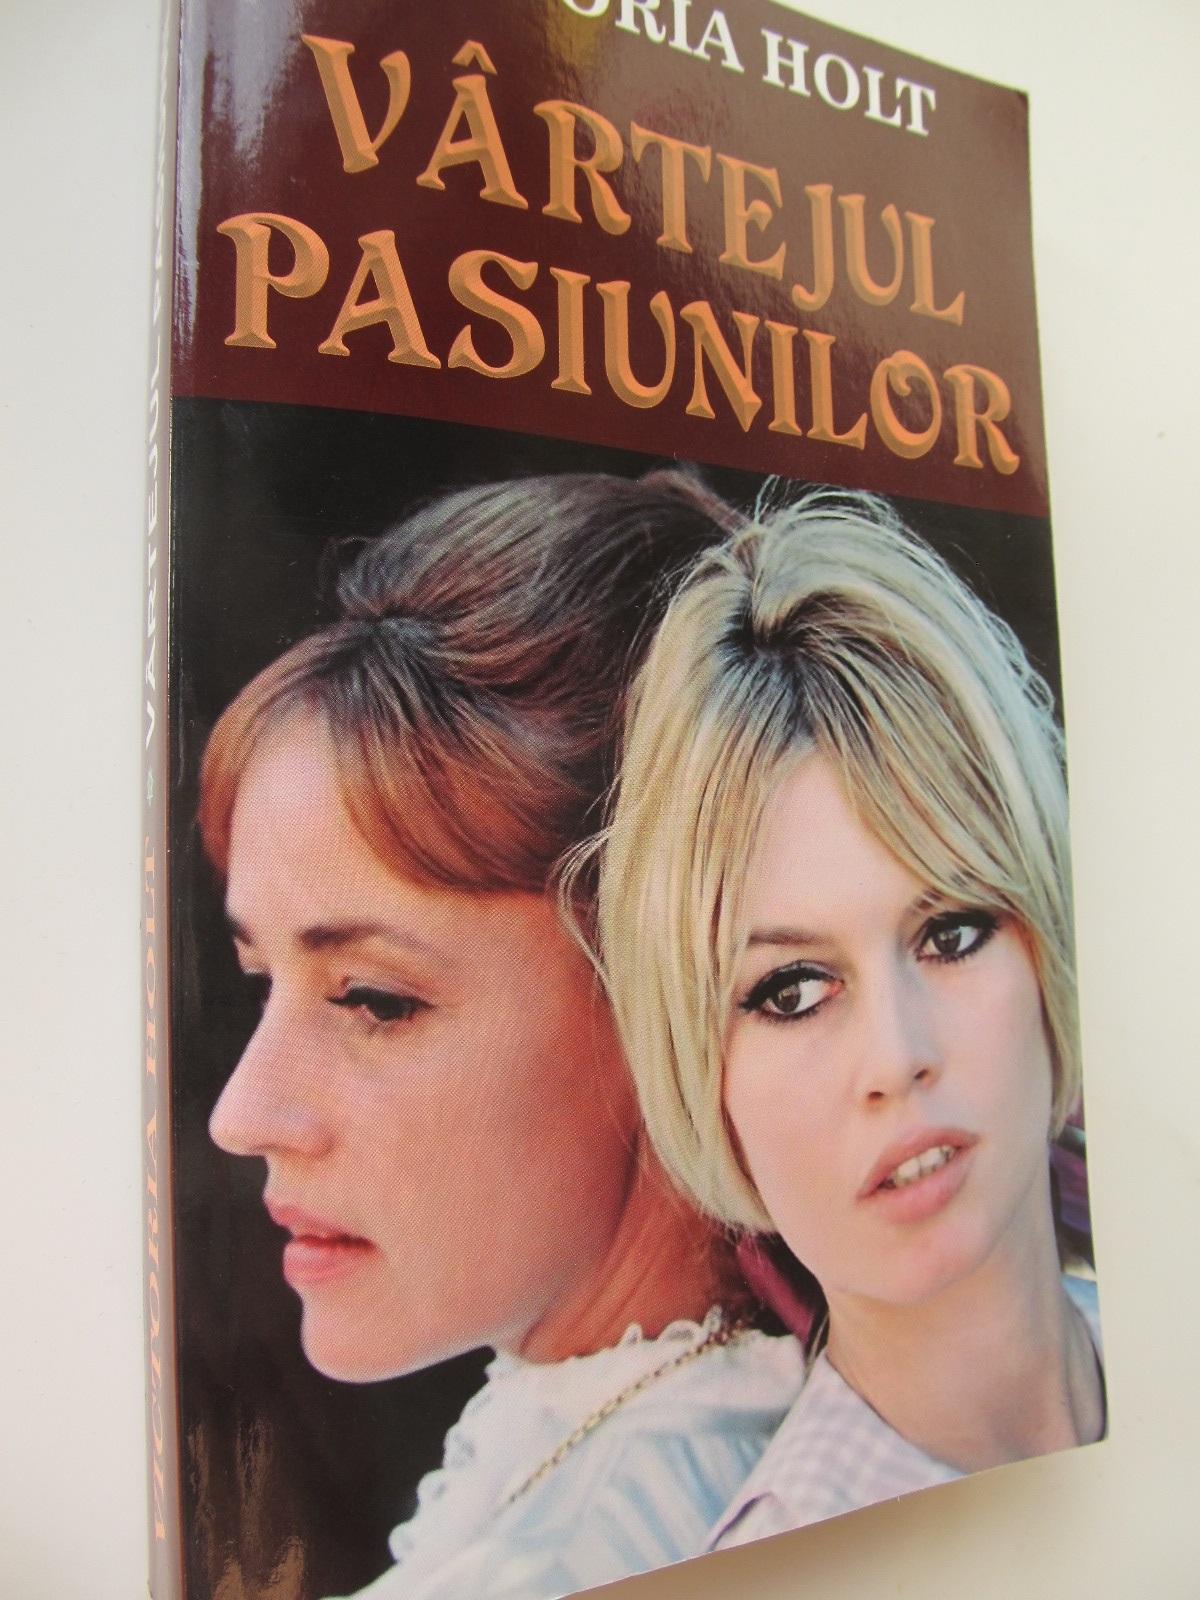 Vartejul pasiunilor - Victoria Holt | Detalii carte